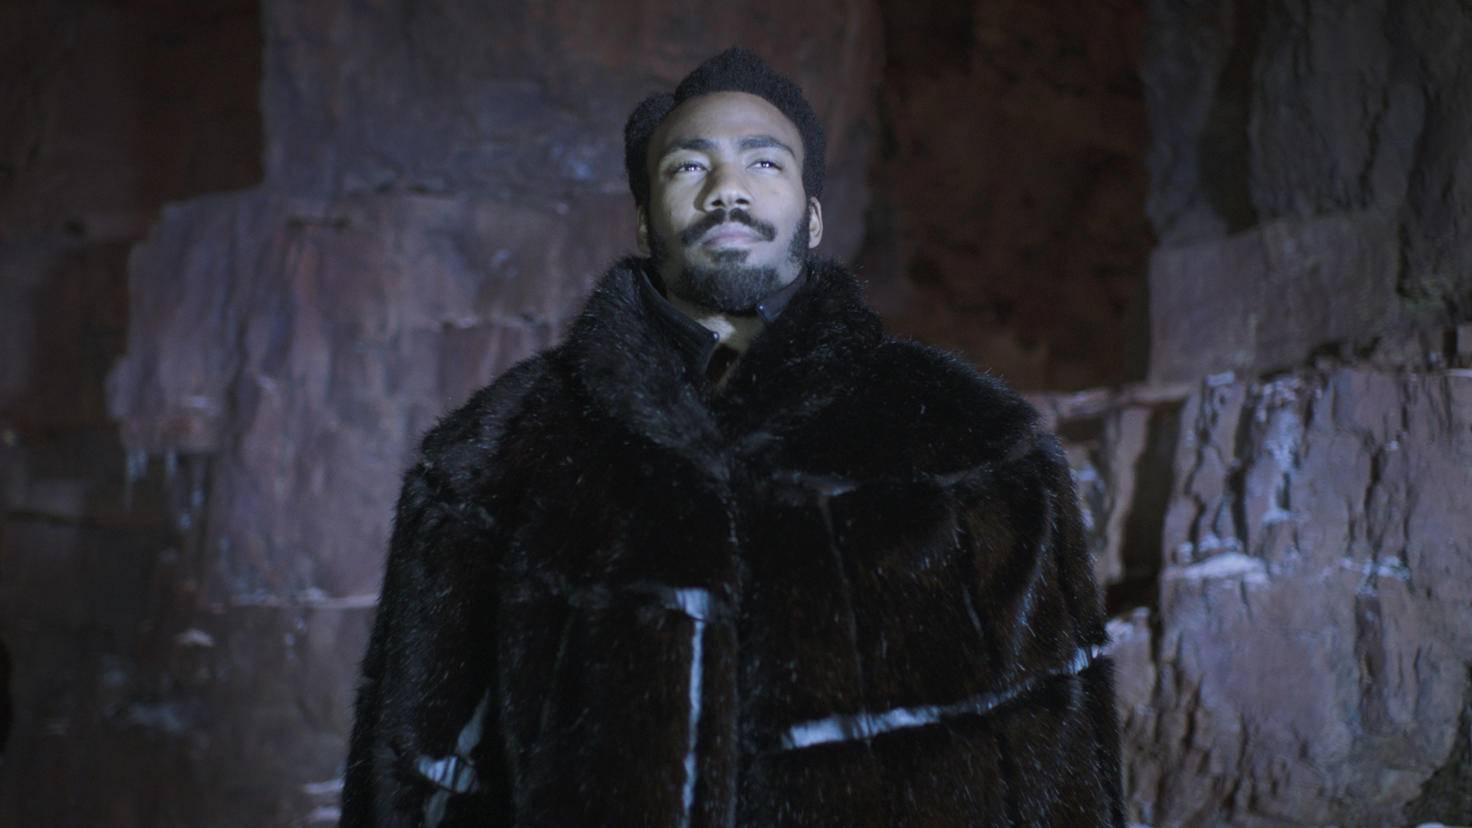 Wie haben sich Han Solo und Lando Calrissian eigentlich kennengelernt? Das Spin-off soll die Antwort liefern.